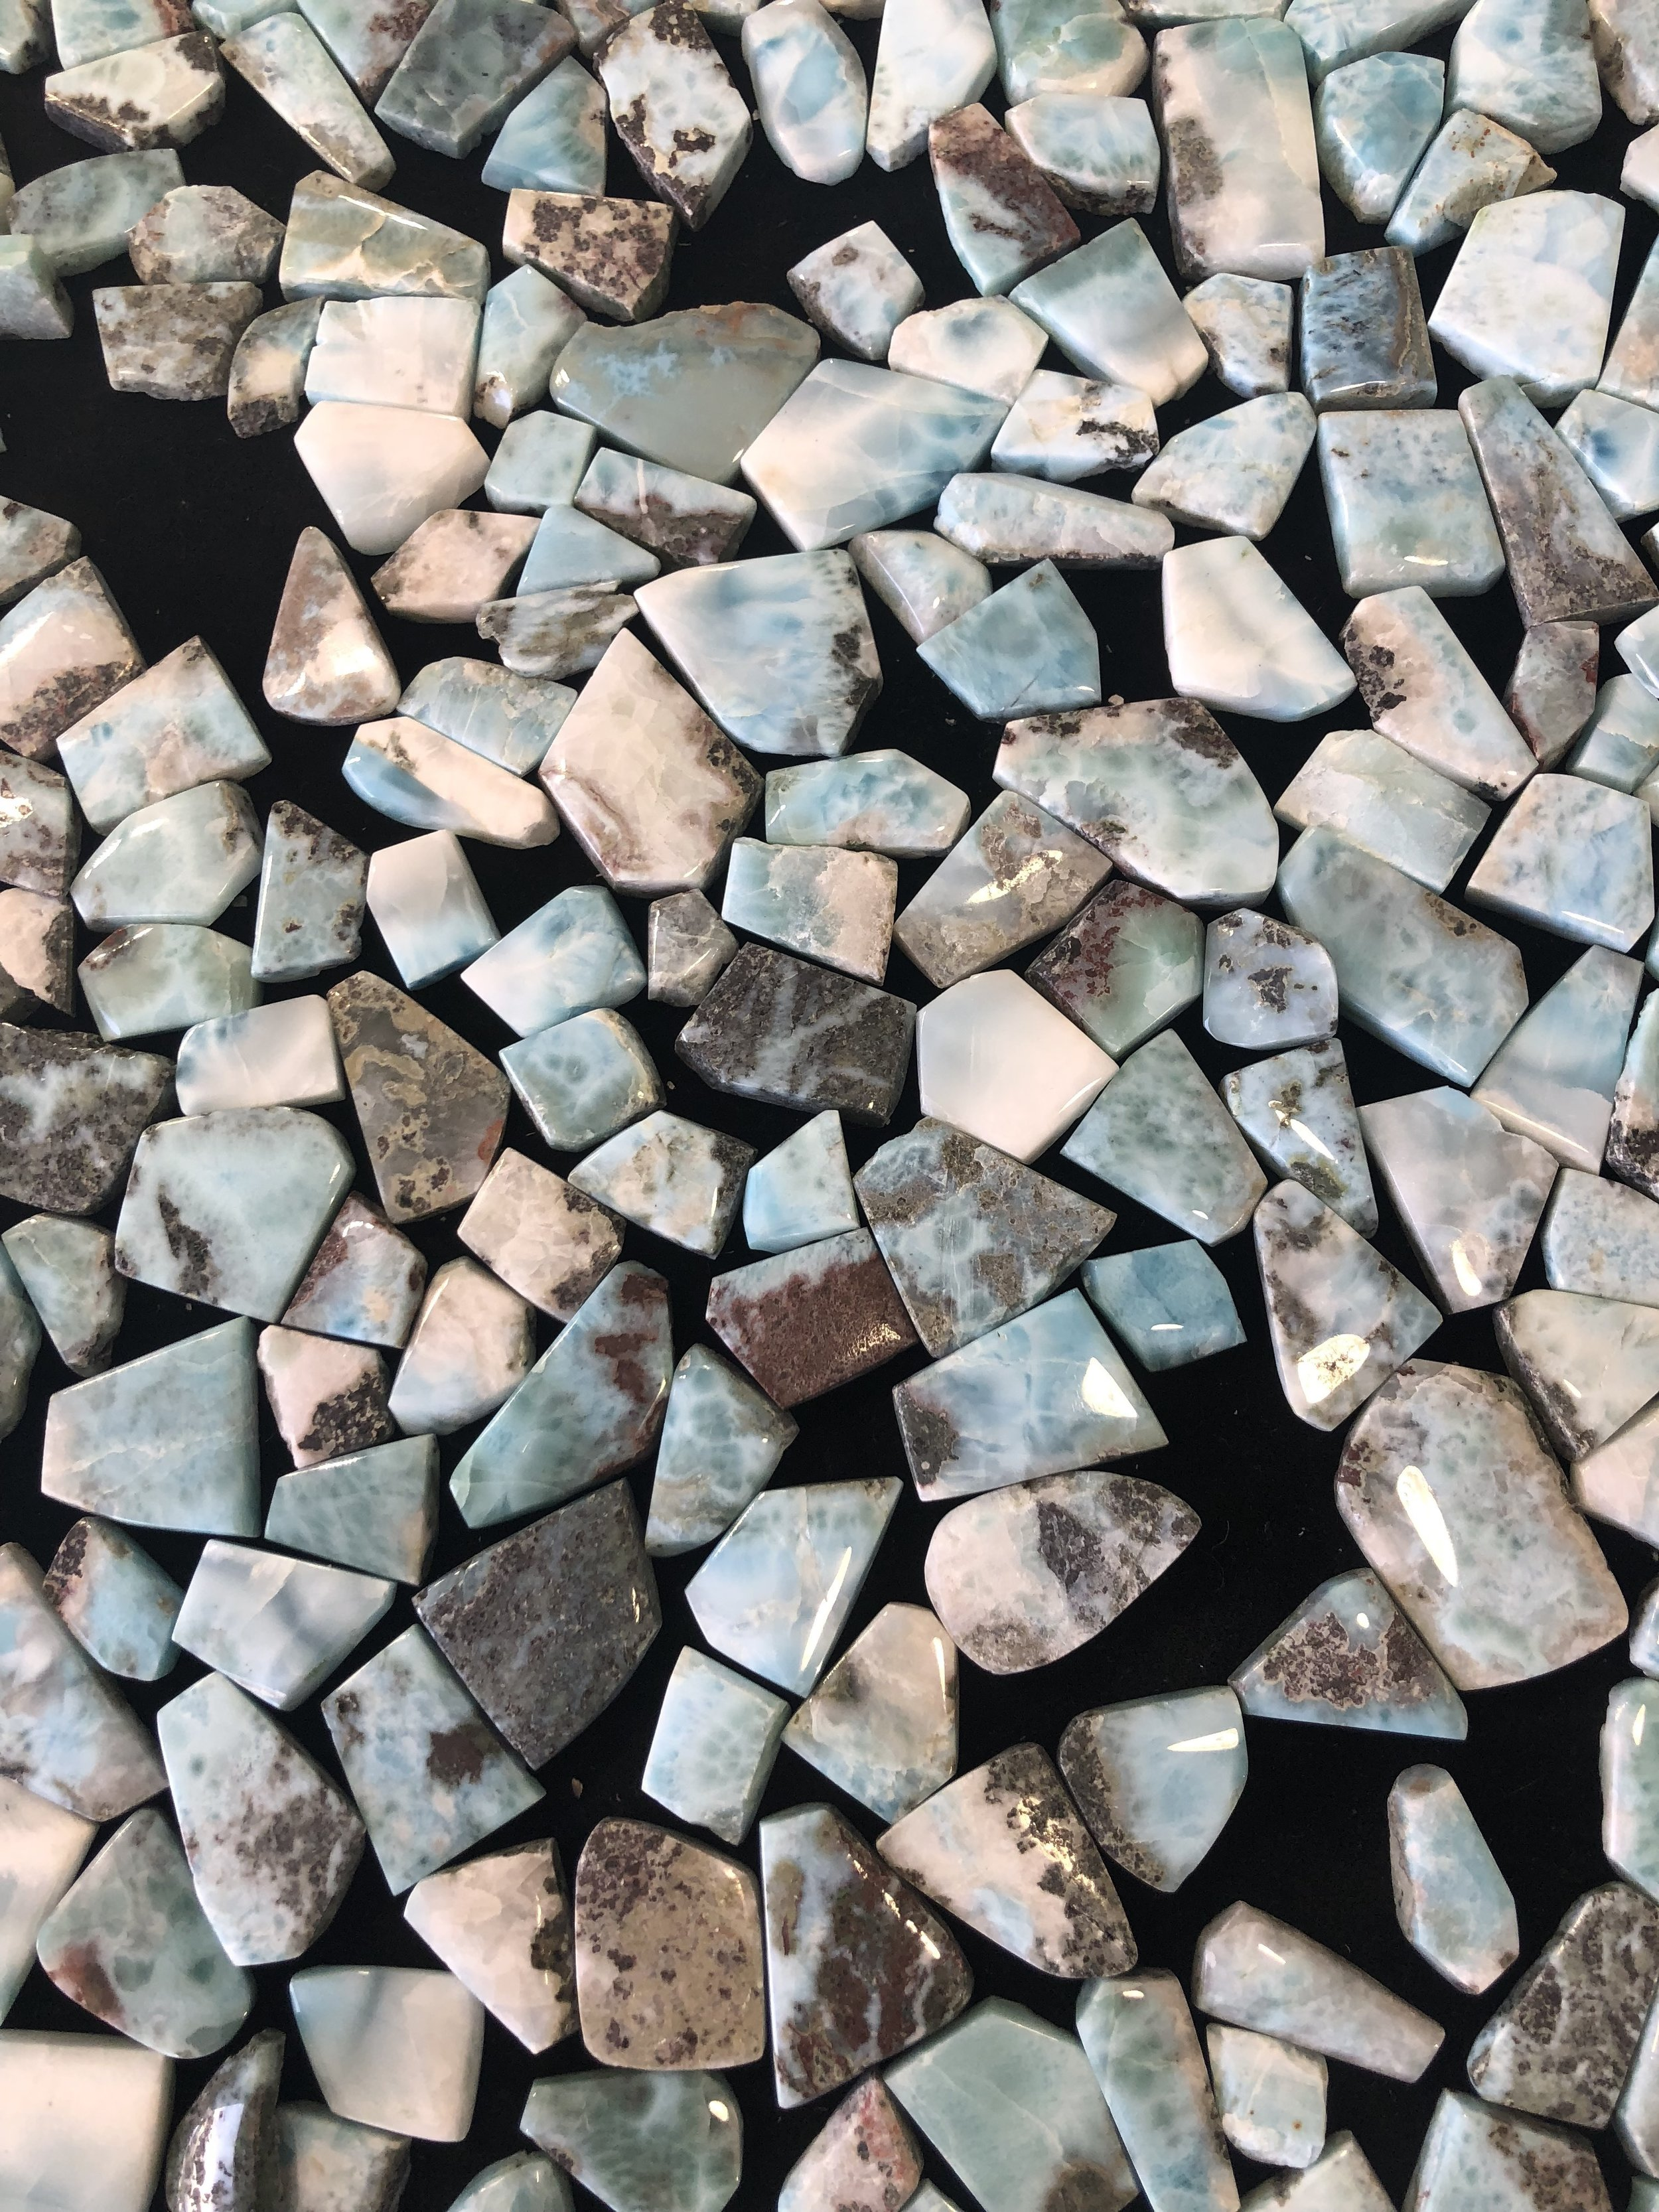 Tucson Gem show, larimar stones